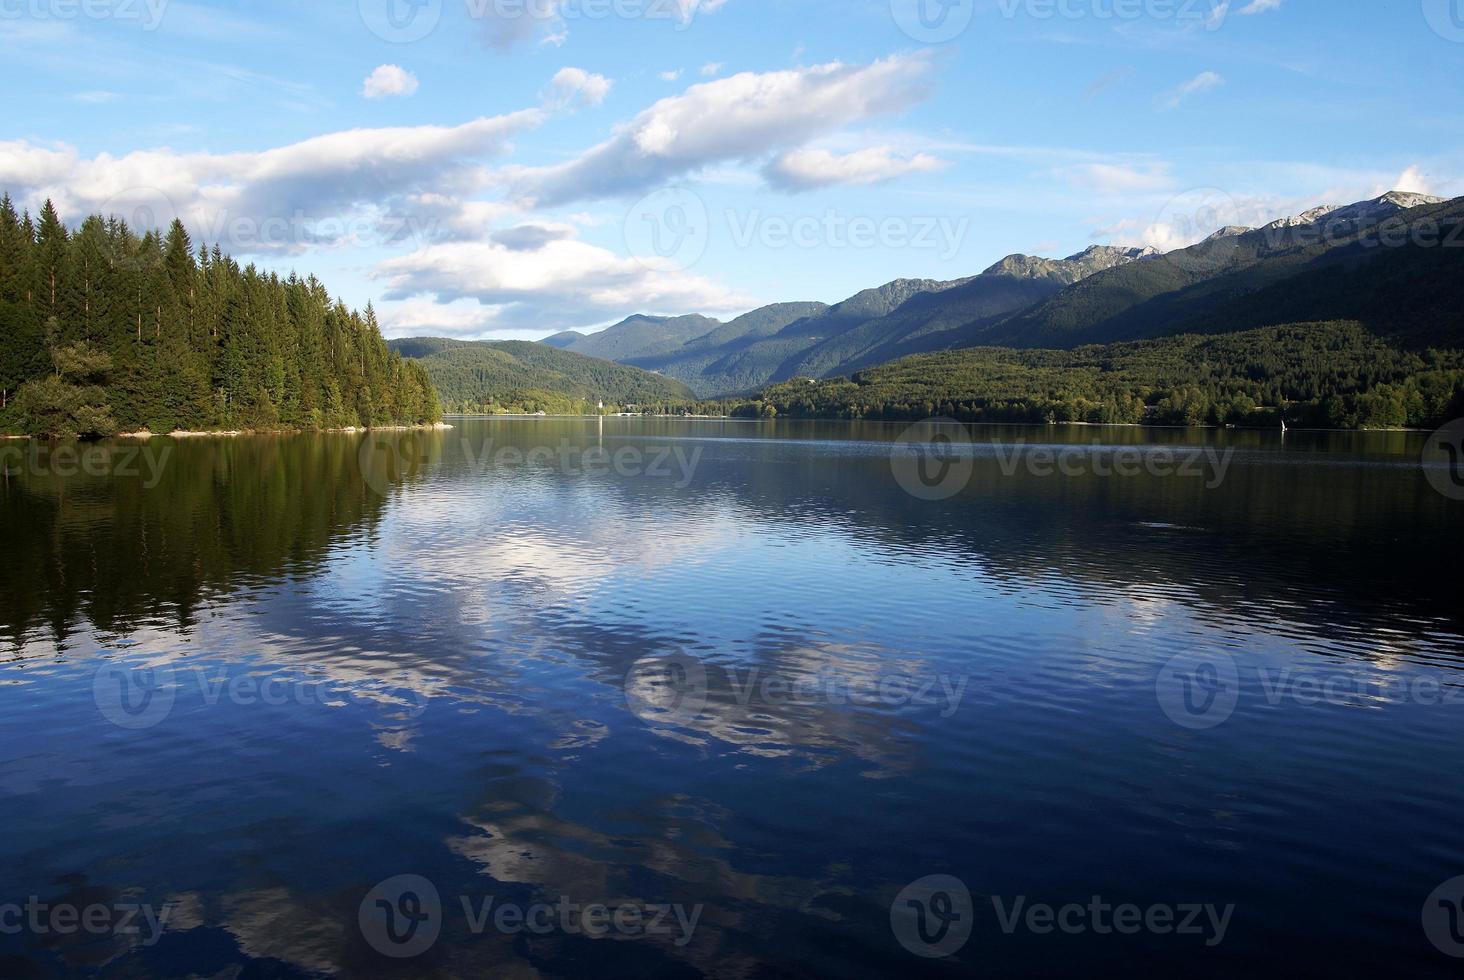 bohinj sjö i Triglav nationalpark Slovenien foto